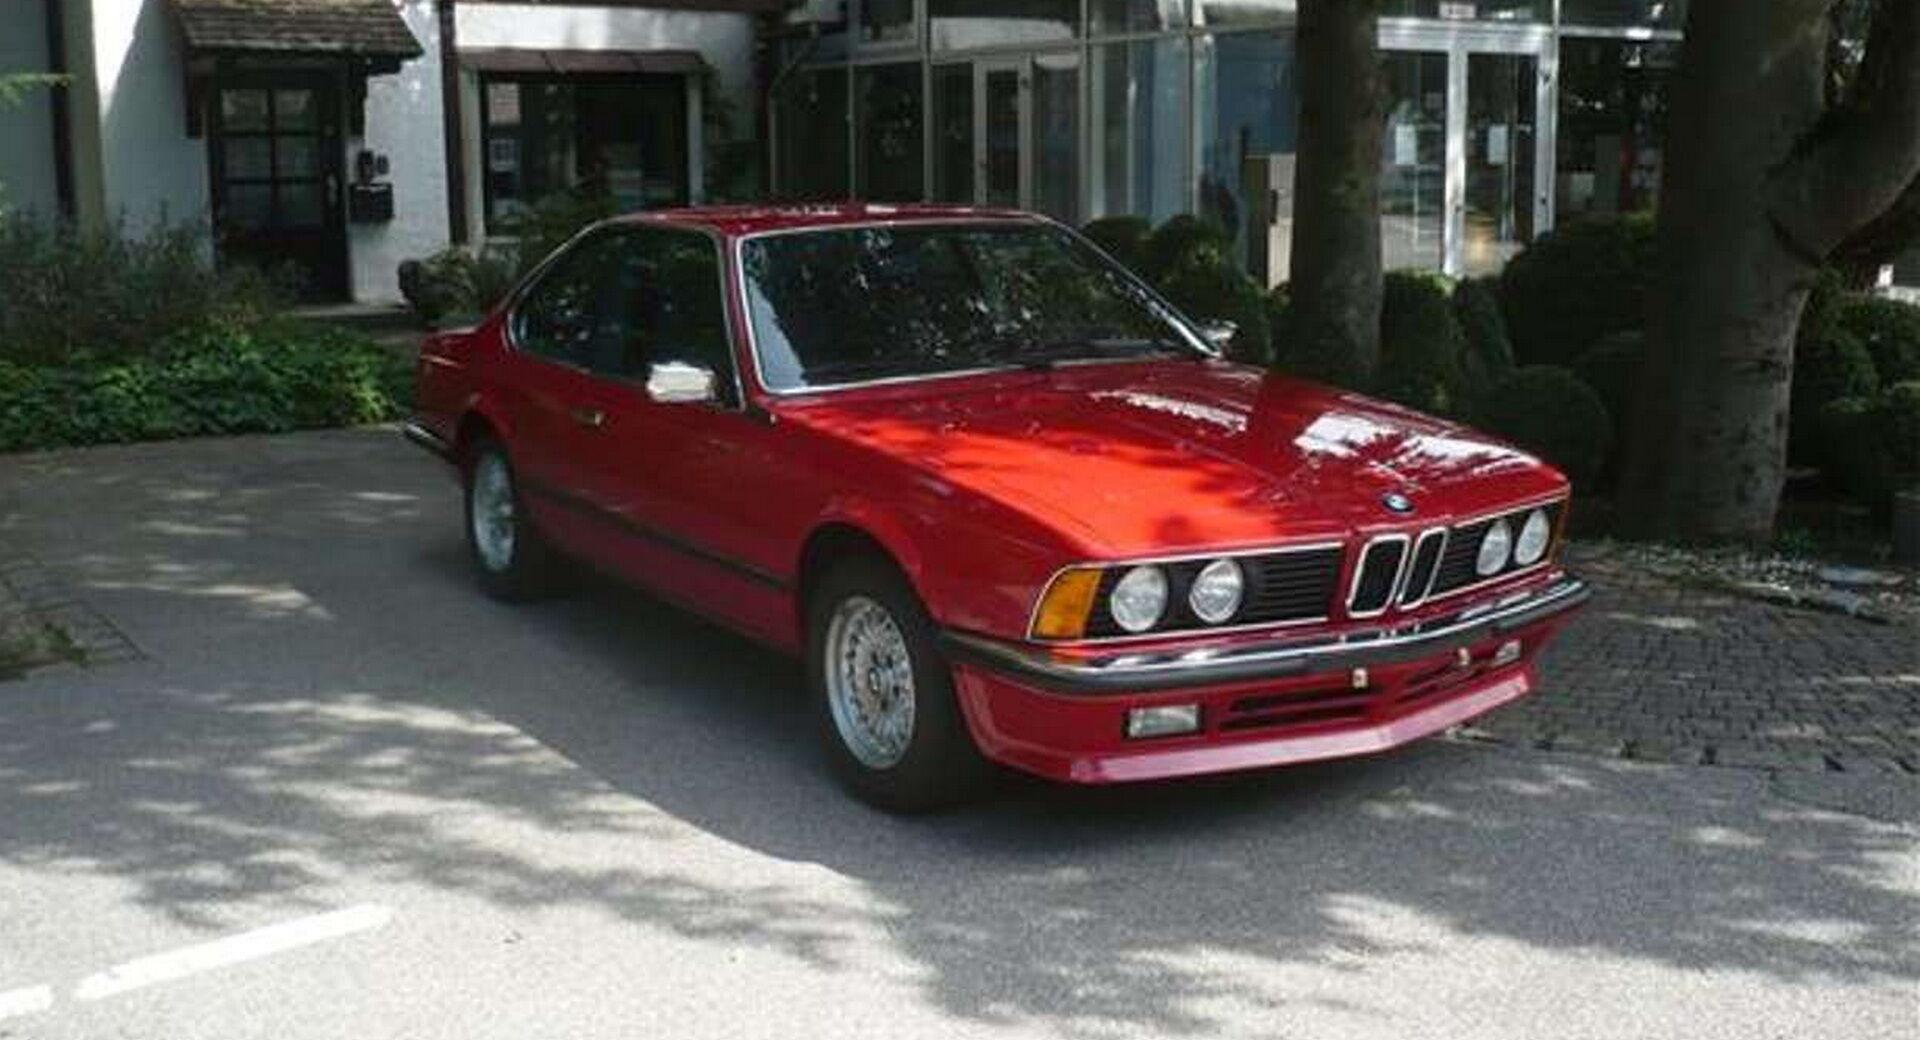 Автомобіль простояв у гаражі 35 років